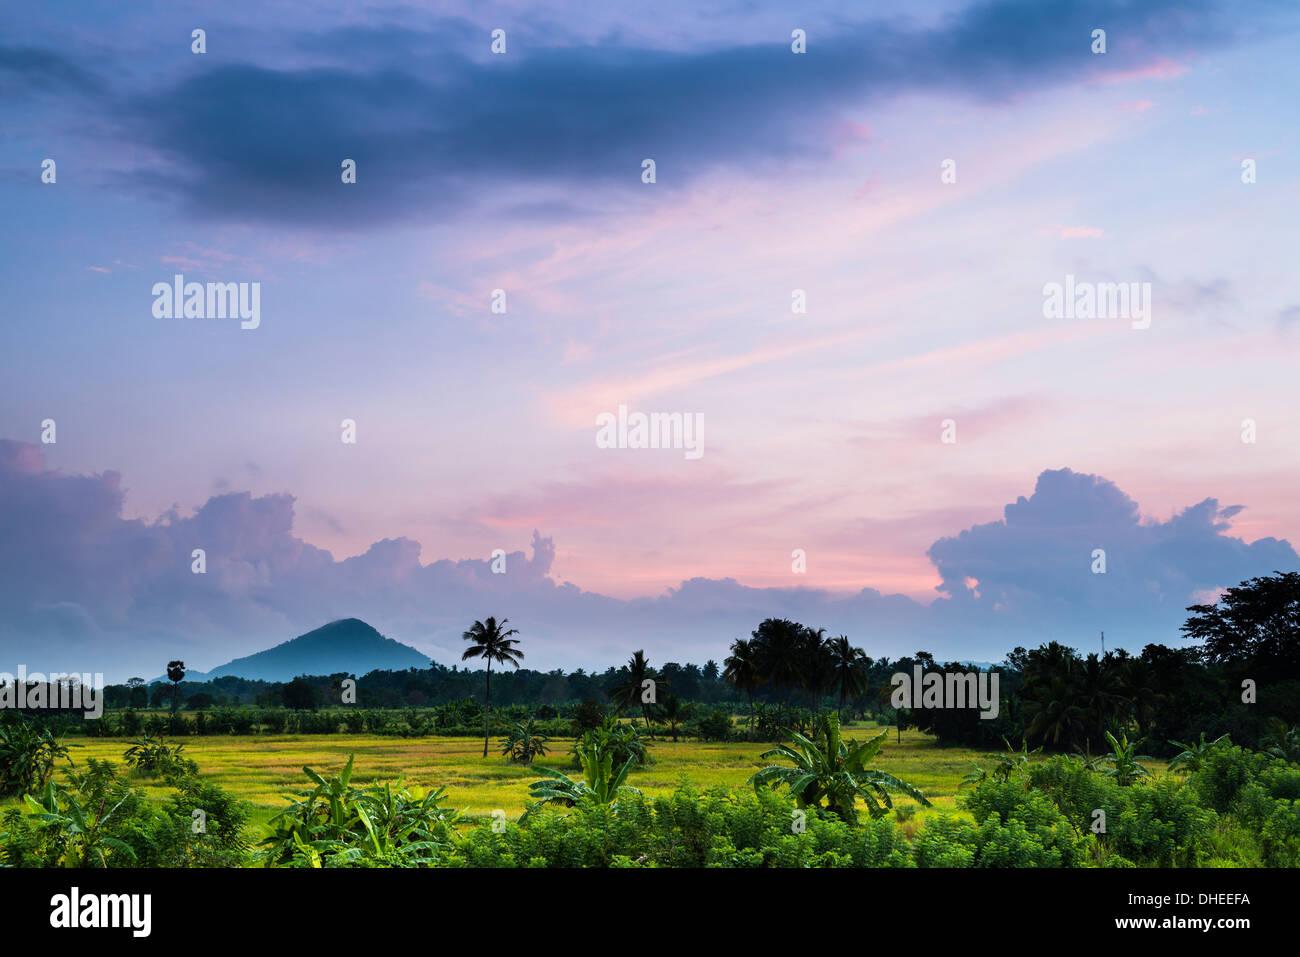 Sri Lanka paesaggio di sunrise, risaie nei pressi di Dambulla, provincia centrale, Sri Lanka, Asia Immagini Stock